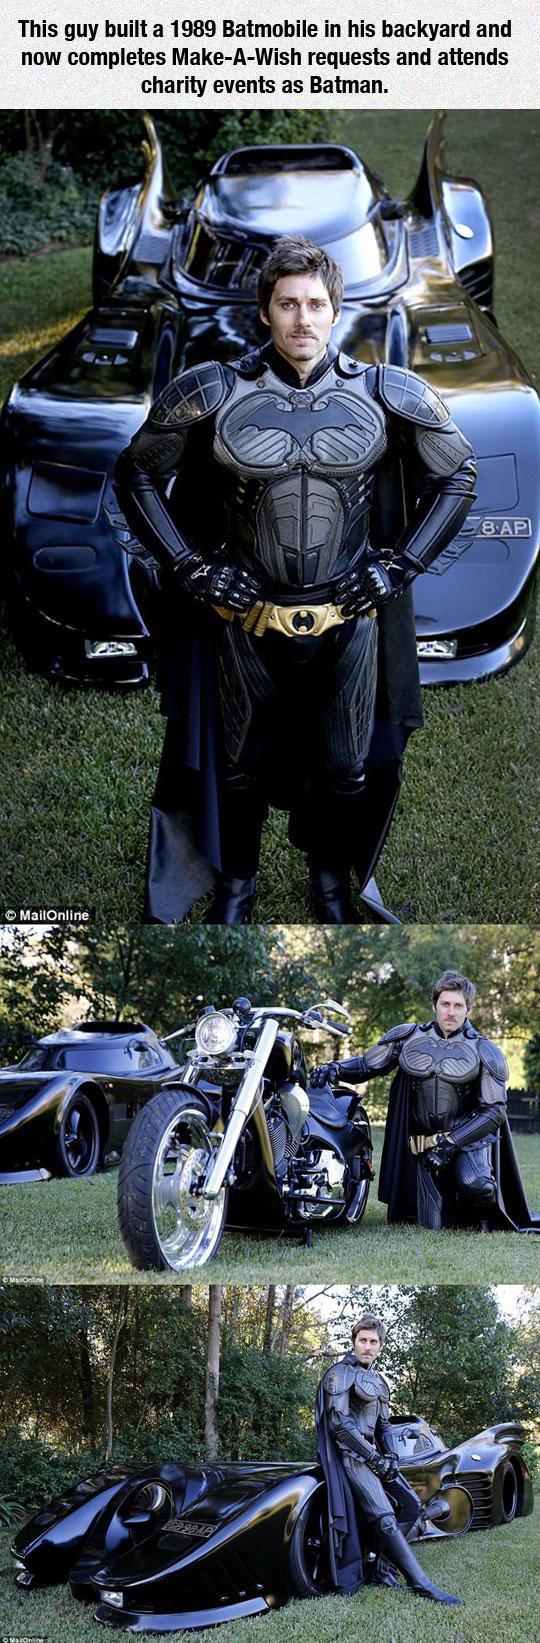 A Real Life Batman